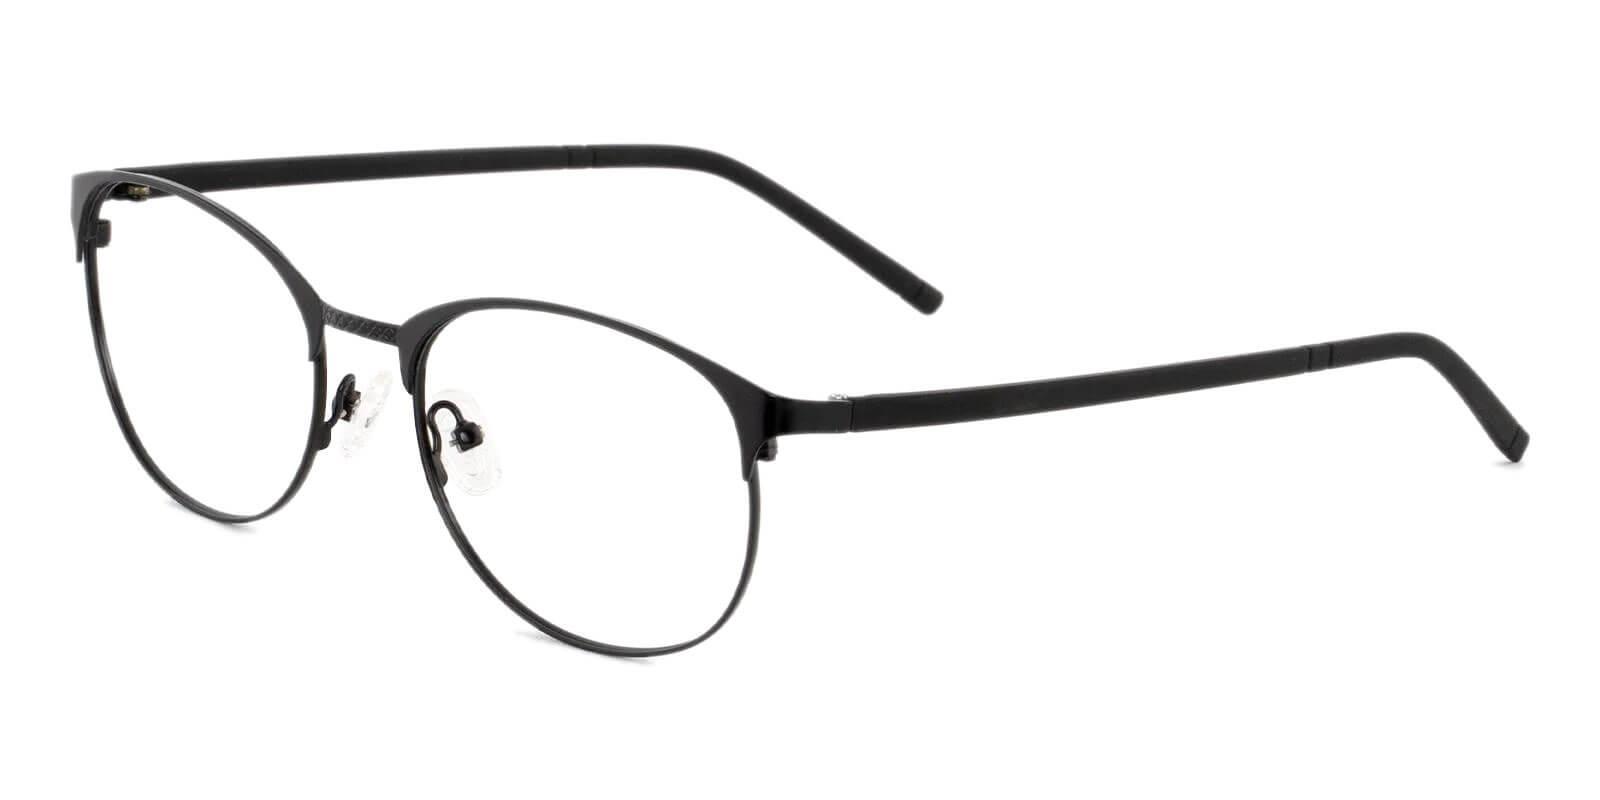 Emily Black Metal Eyeglasses , Lightweight , NosePads Frames from ABBE Glasses